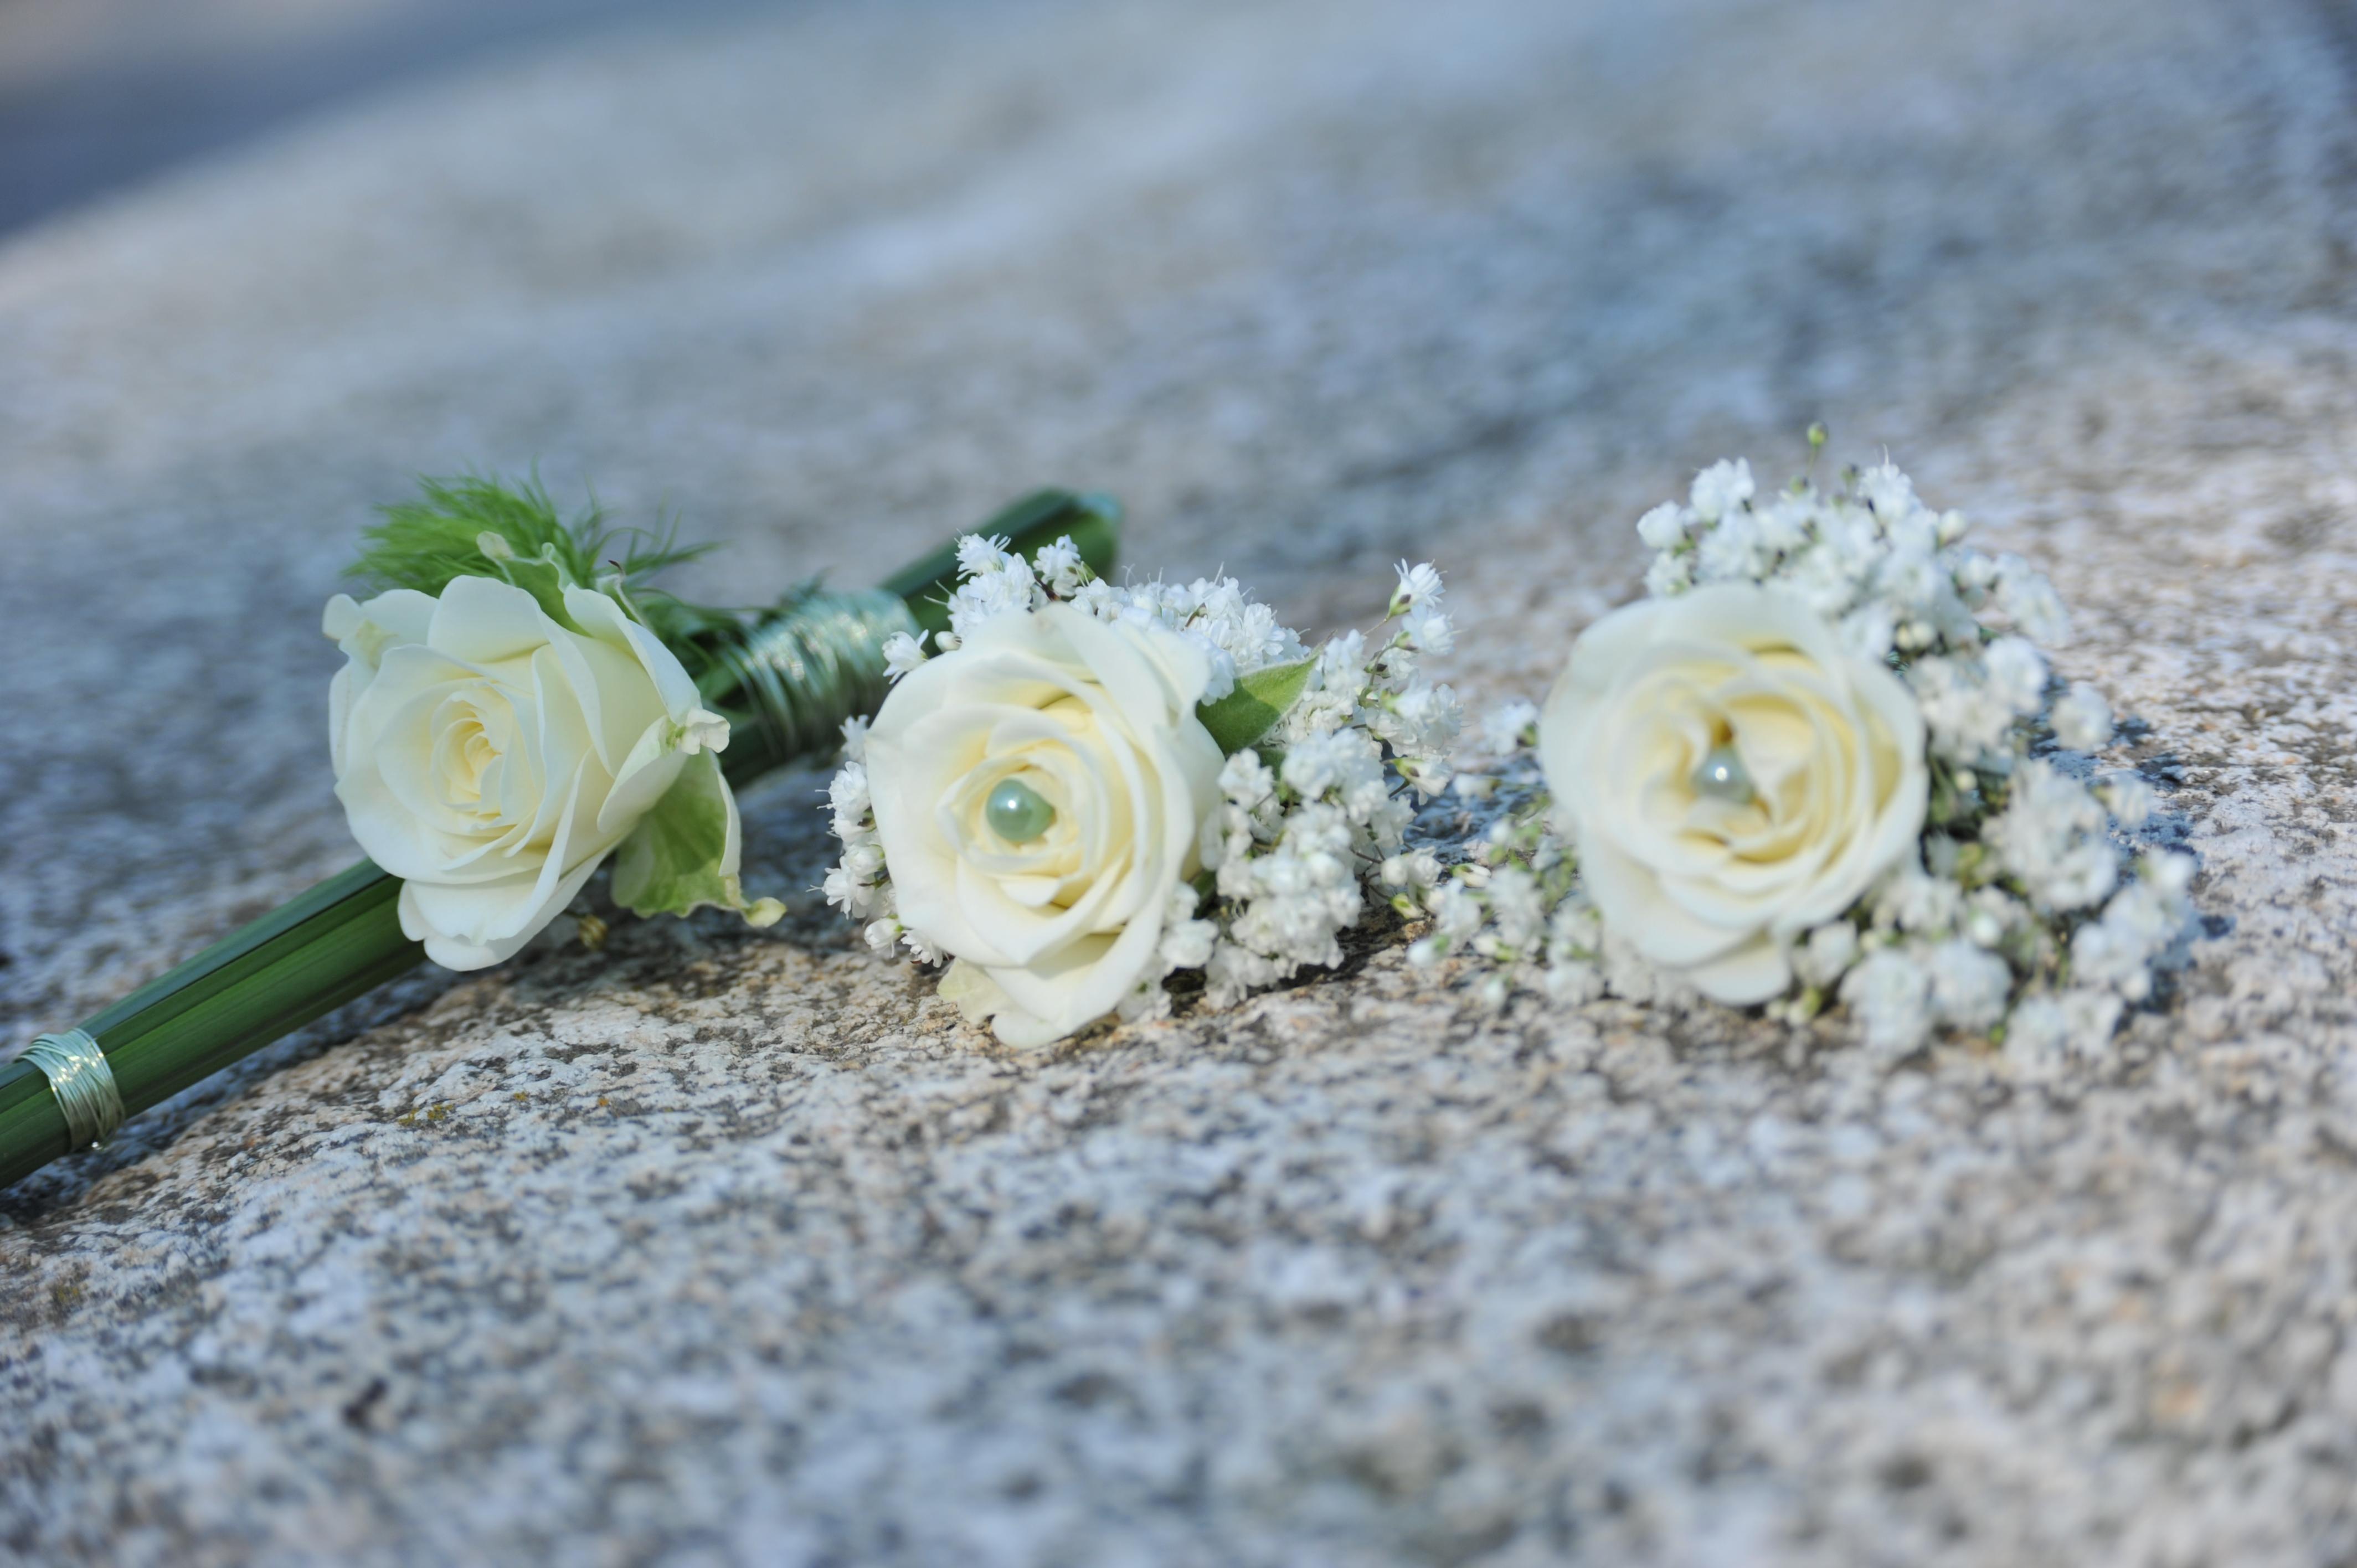 Hochzeitsfloristik Anstecker aus weissen Rosen und kleinen weissen Blumen zusammengebunden